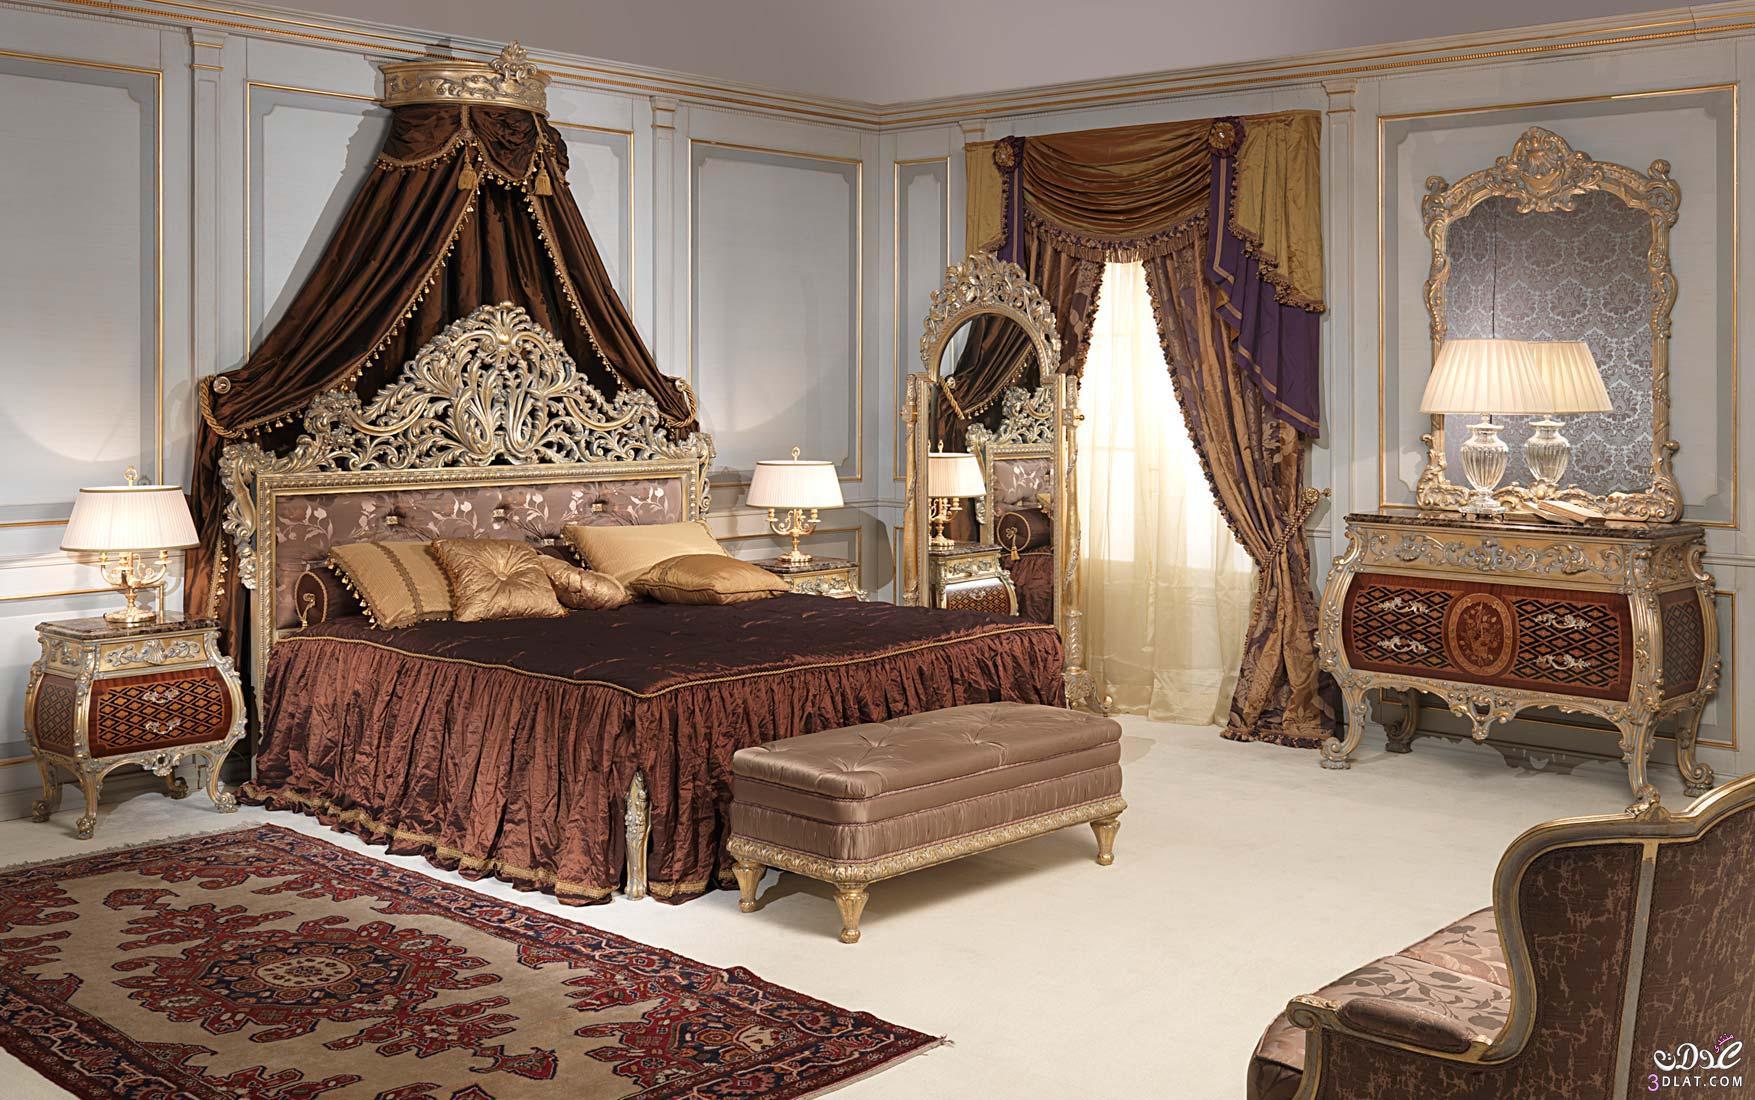 غرف نوم كلاسيك ديكورات غرف نوم ايطالية غرف نوم كلاسيك رائعة   توتى 1